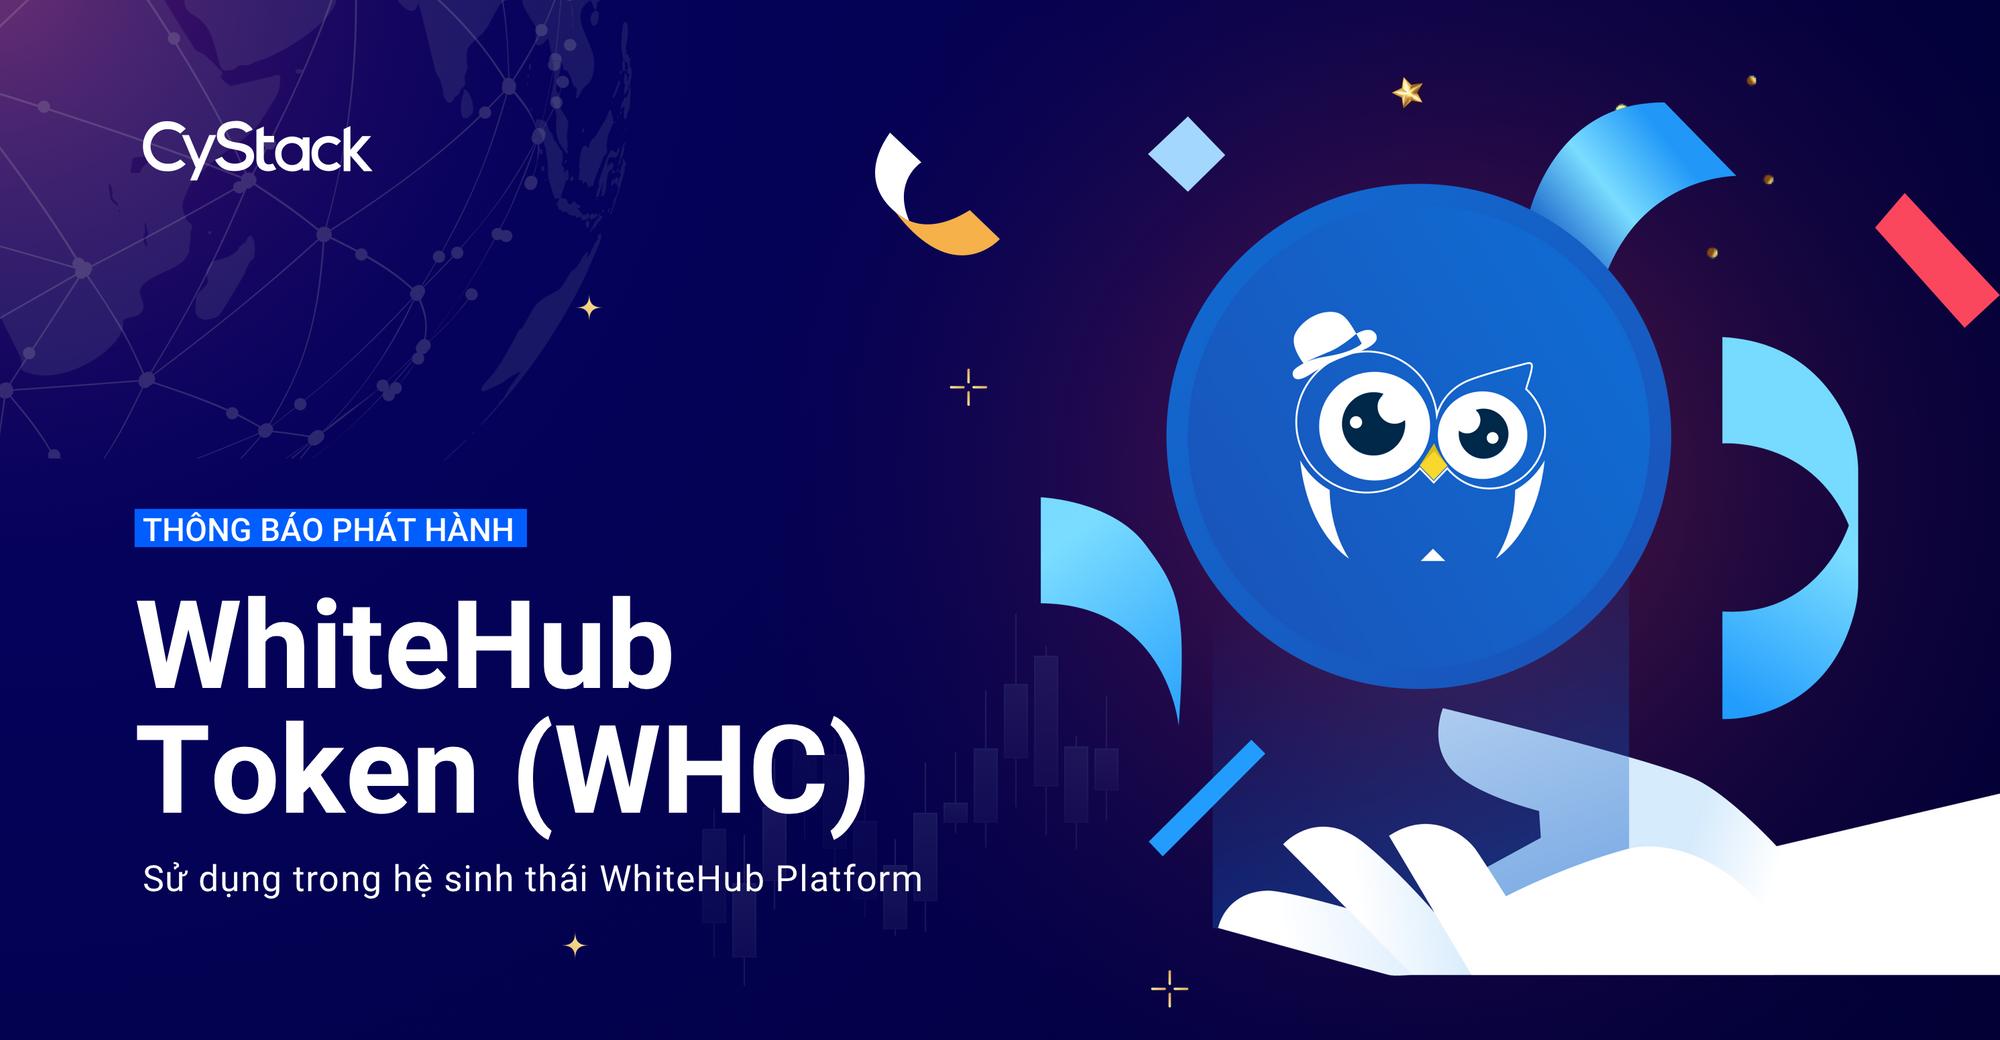 Phát hành WhiteHub Token (WHC), sử dụng trong hệ sinh thái WhiteHub Platform